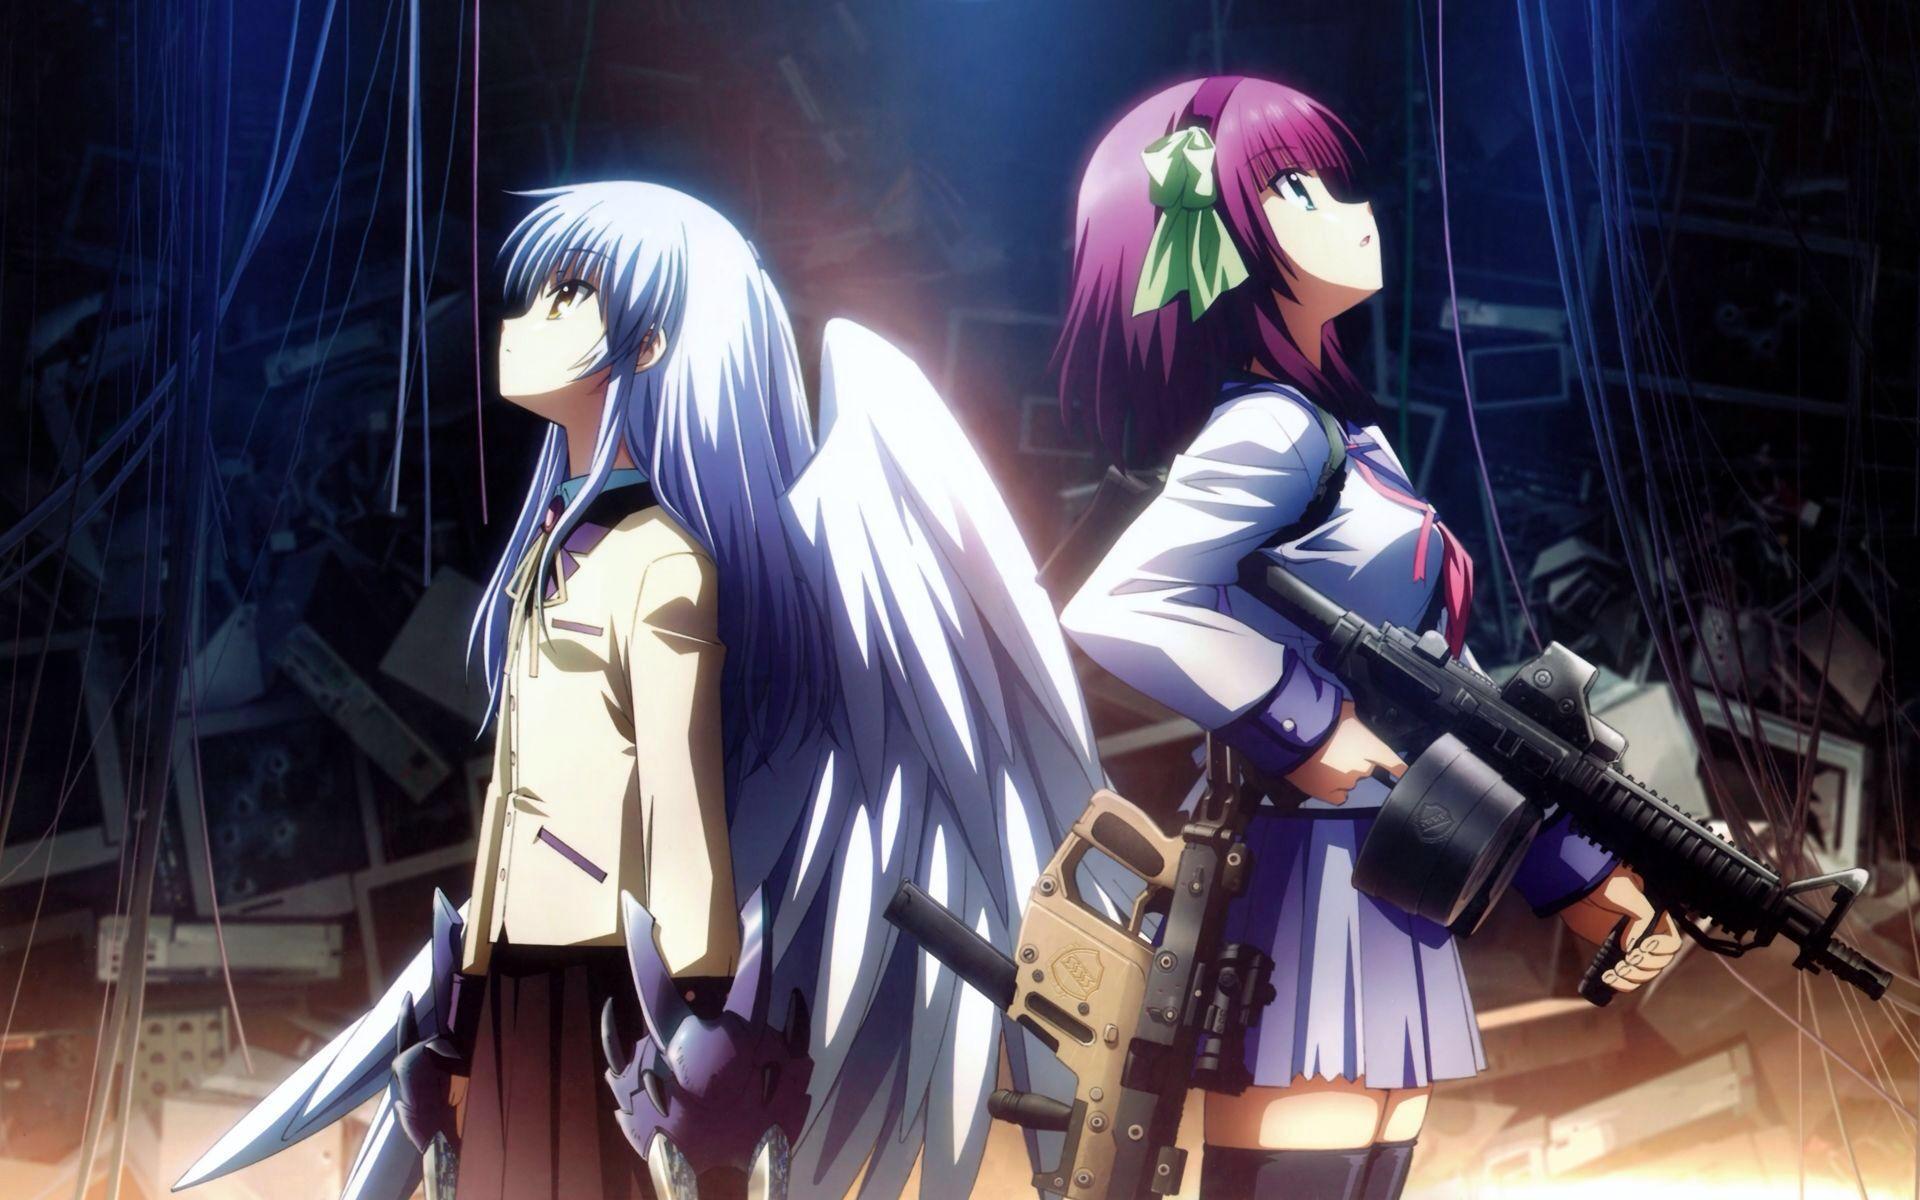 Kanade and Yuri!